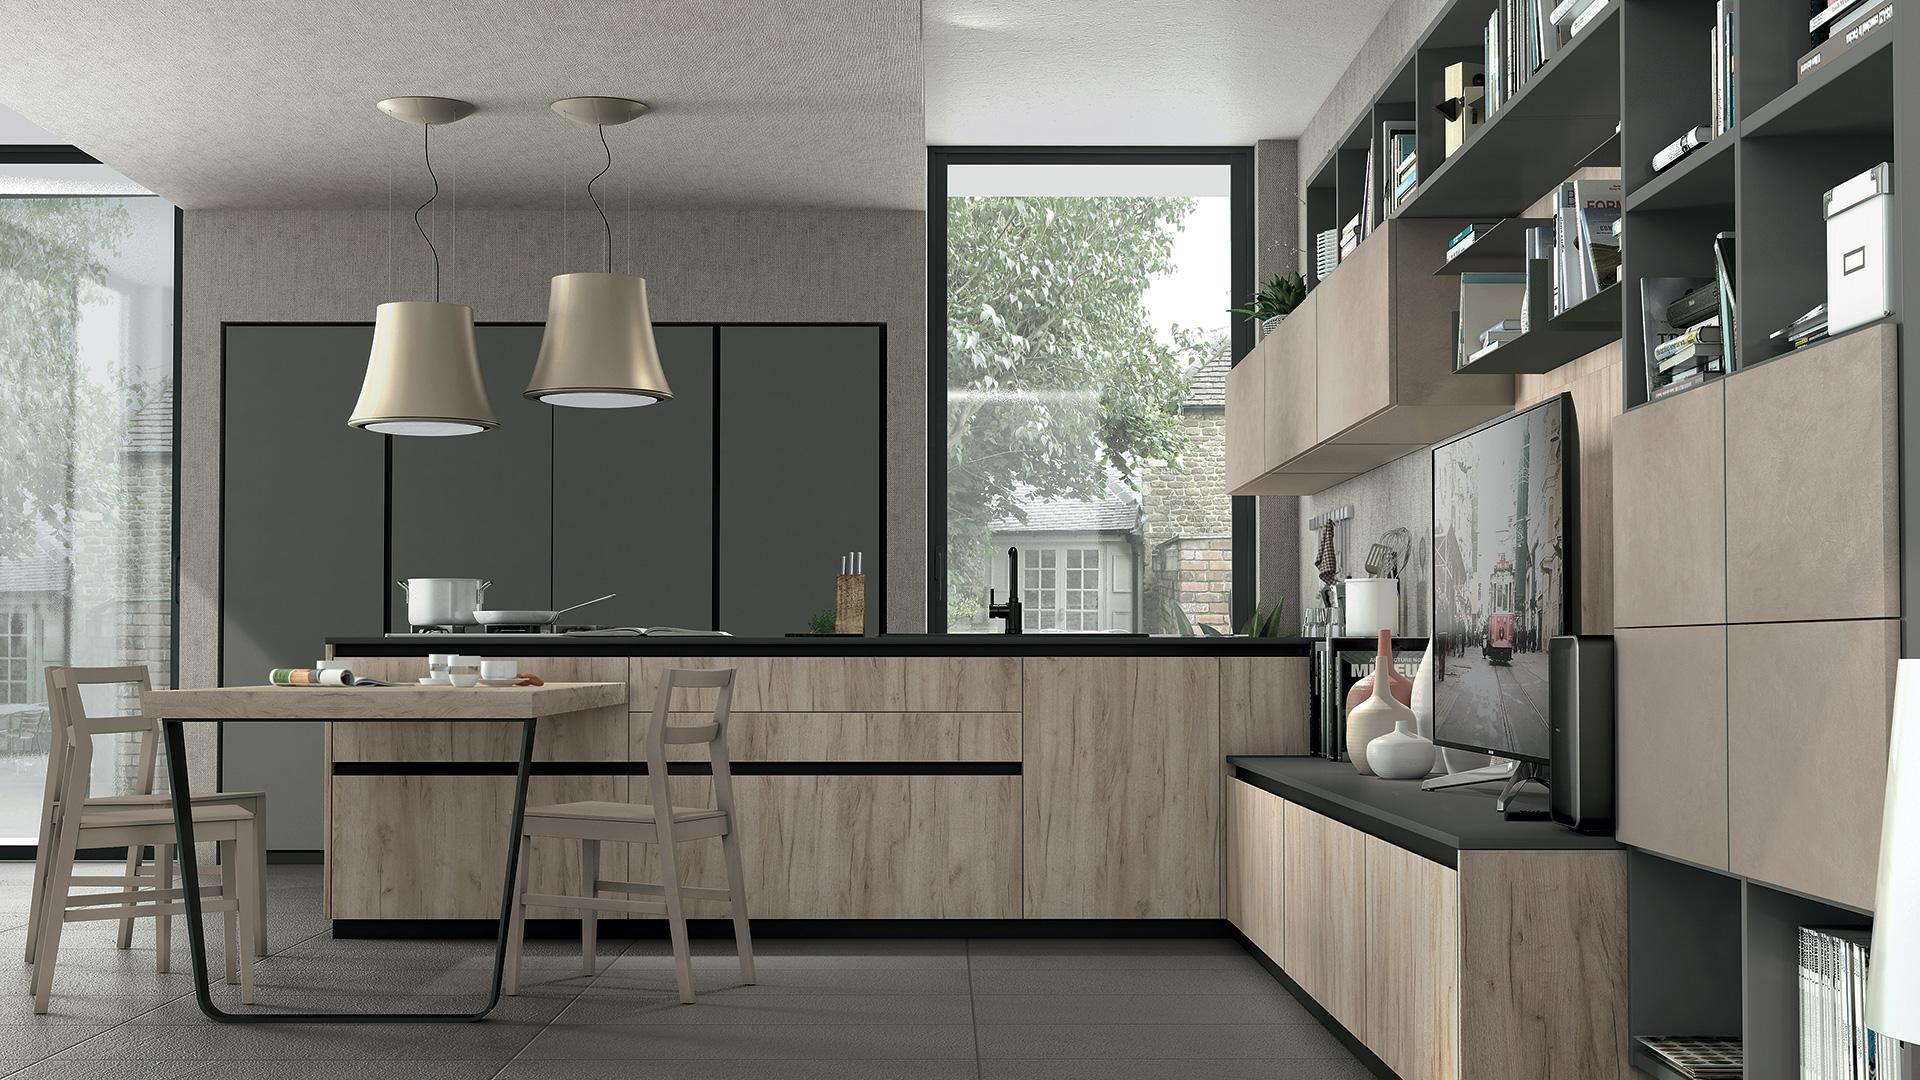 Cucine Lube - Cucine Moderne - Immagina - 3 | Gambula ...